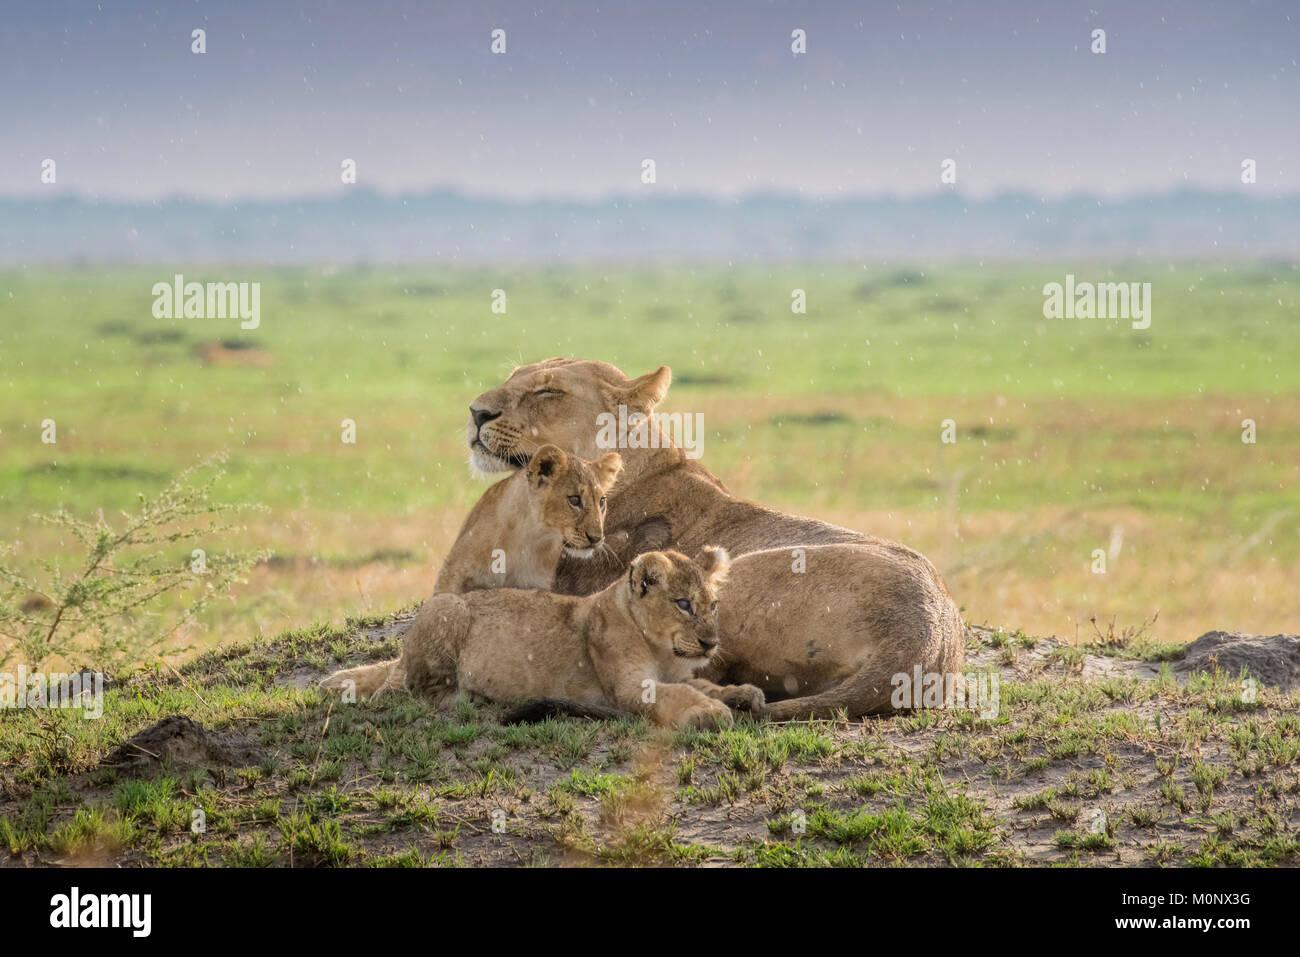 Lioness (Panthera leo) with kittens,Savuti,Chobe National Park,Chobe District,Botswana Stock Photo